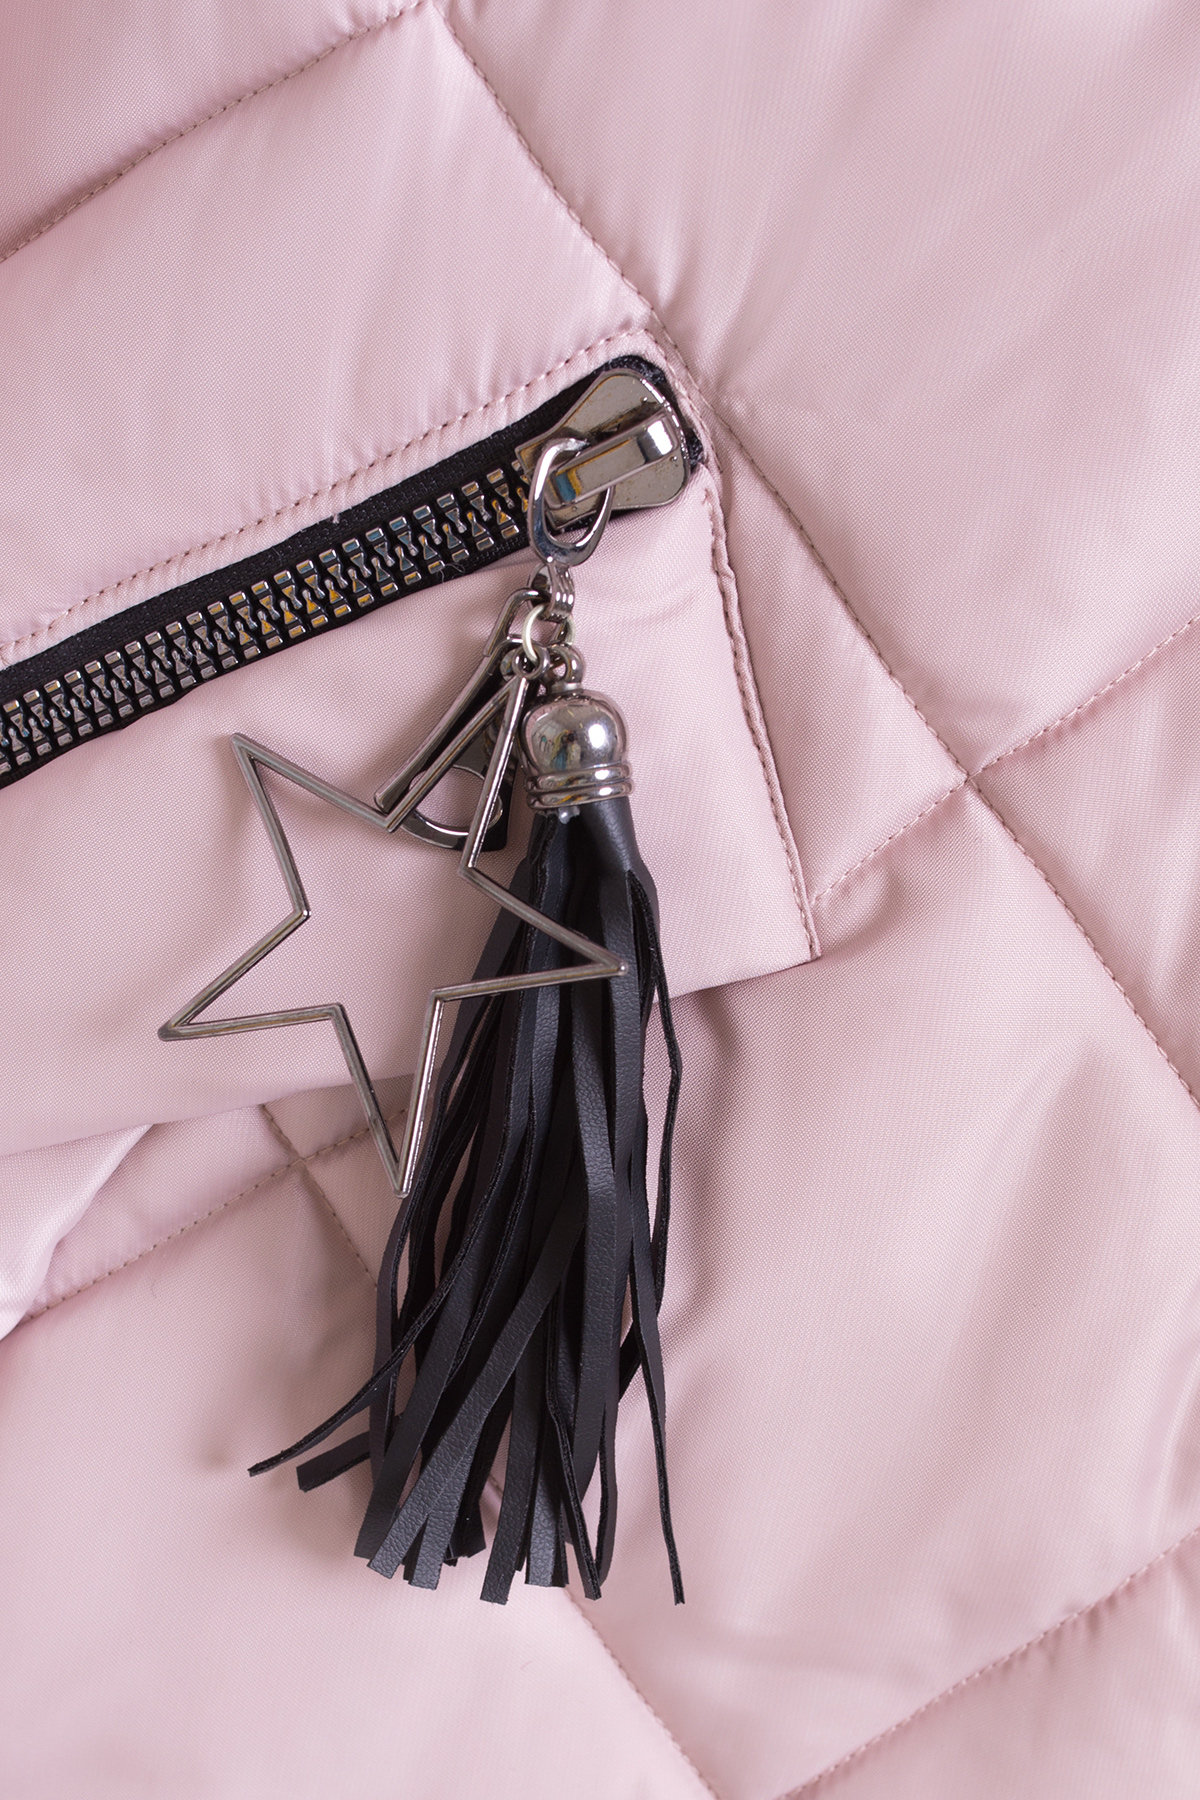 Куртка на зиму со стежкой ромбами Лисбет 3253 АРТ. 16729 Цвет: Серо-розовый - фото 4, интернет магазин tm-modus.ru